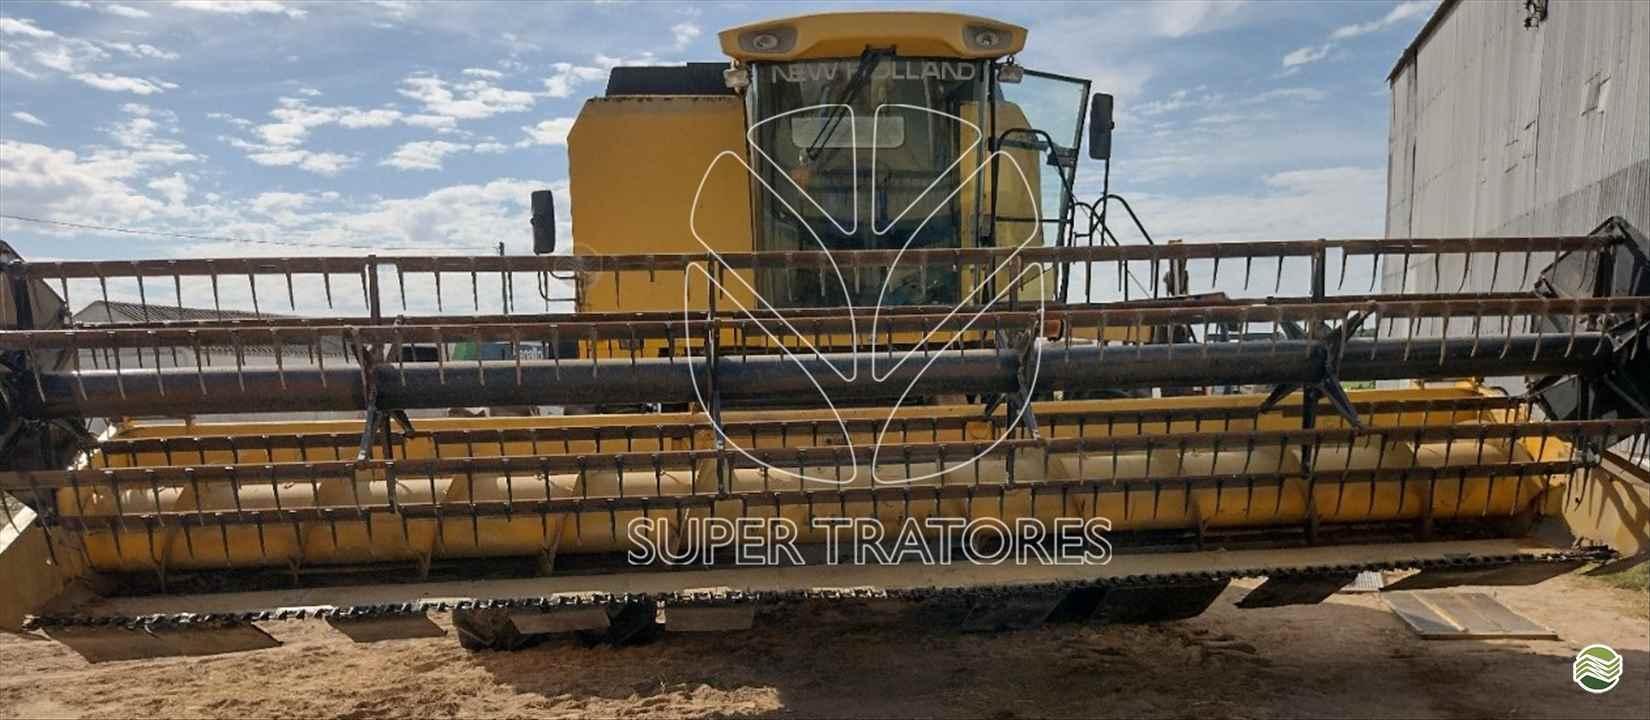 COLHEITADEIRA NEW HOLLAND TC 5090 Super Tratores - New Holland - Matriz SANTA MARIA RIO GRANDE DO SUL RS